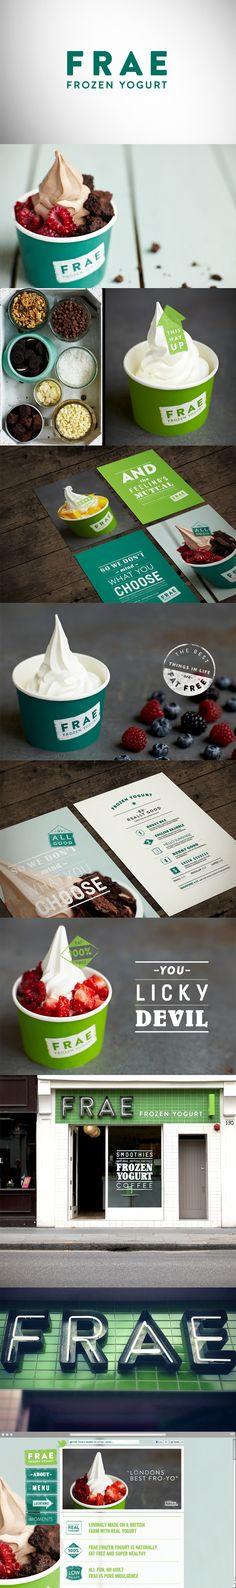 FRAE - frozen yogurt   branding   color